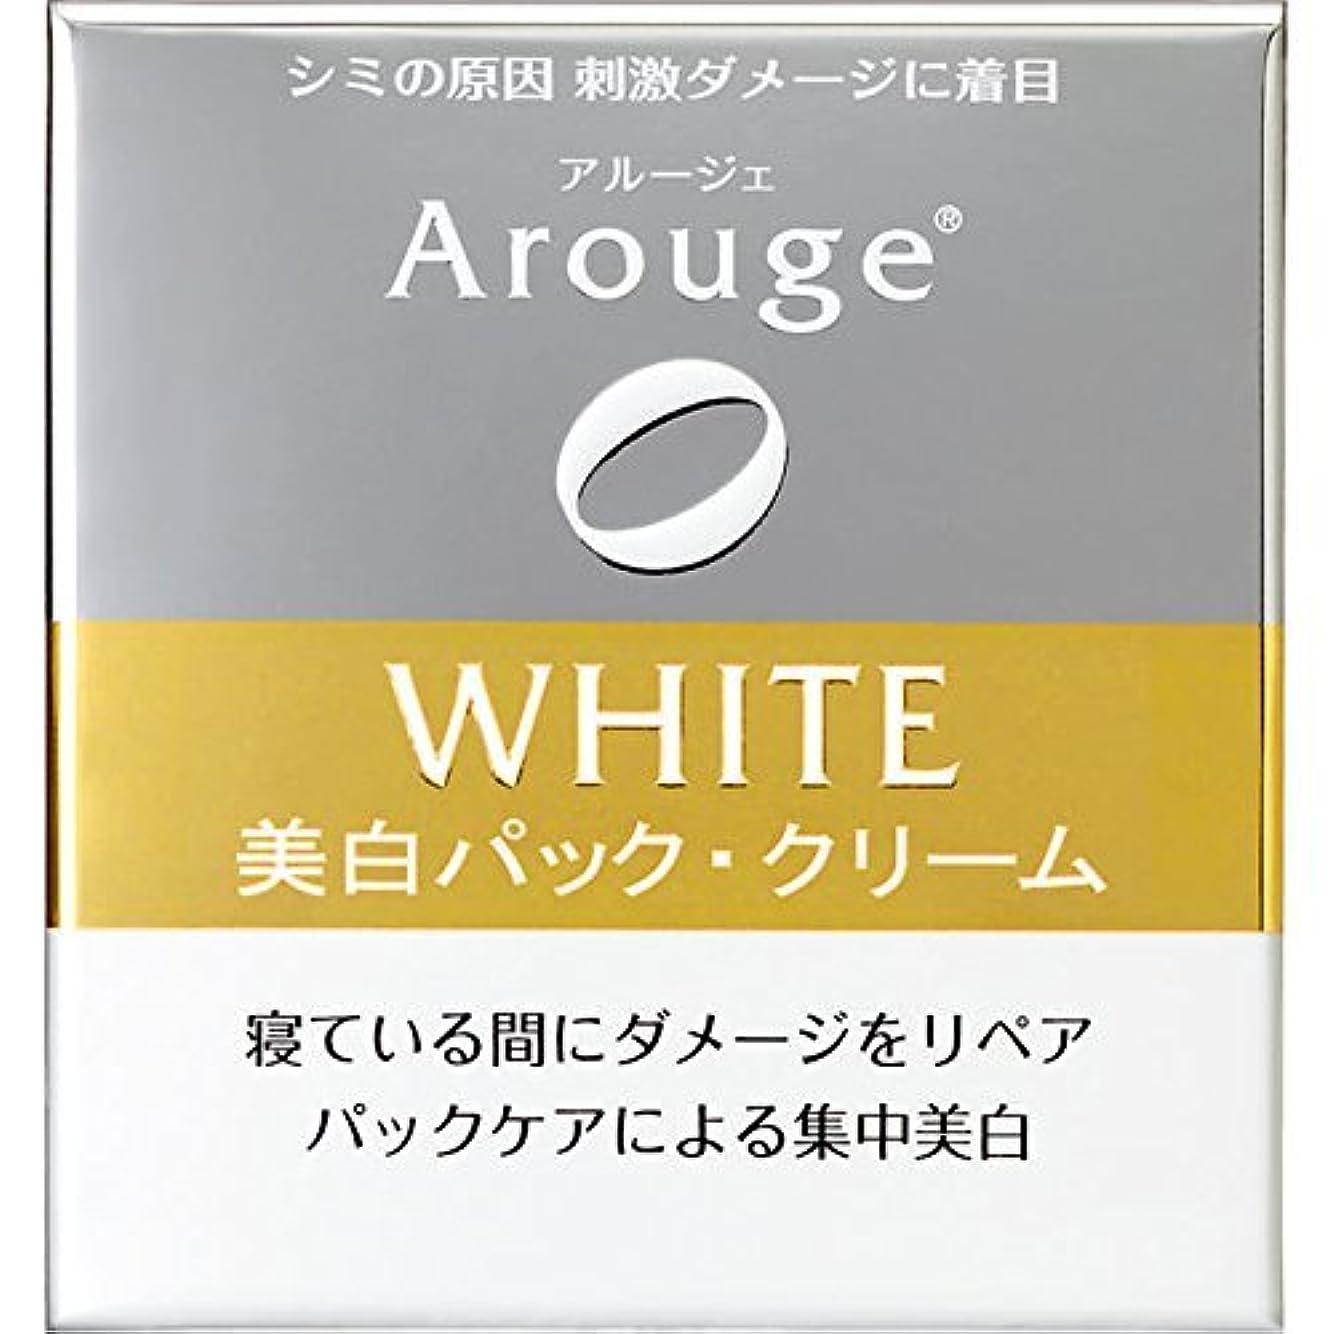 残忍な少年できないアルージェ ホワイトニングリペアクリーム 30g